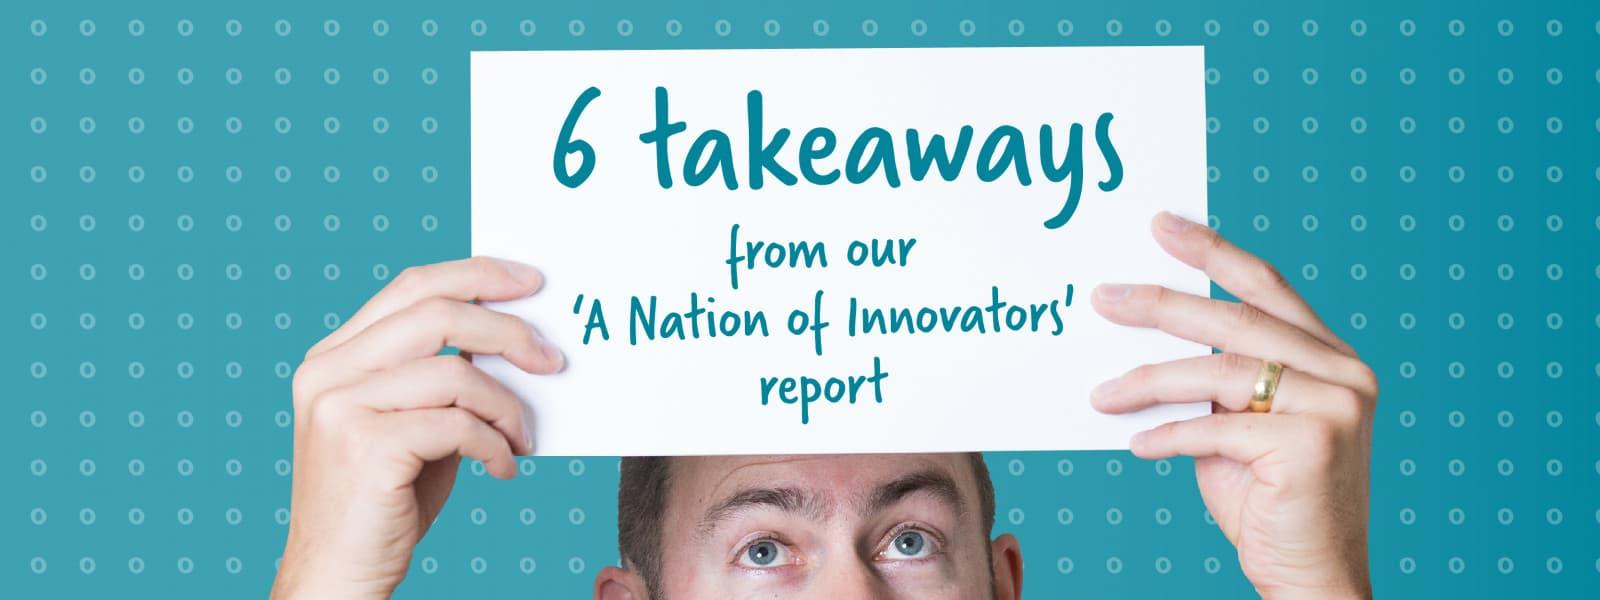 6 takeaways held up on paper